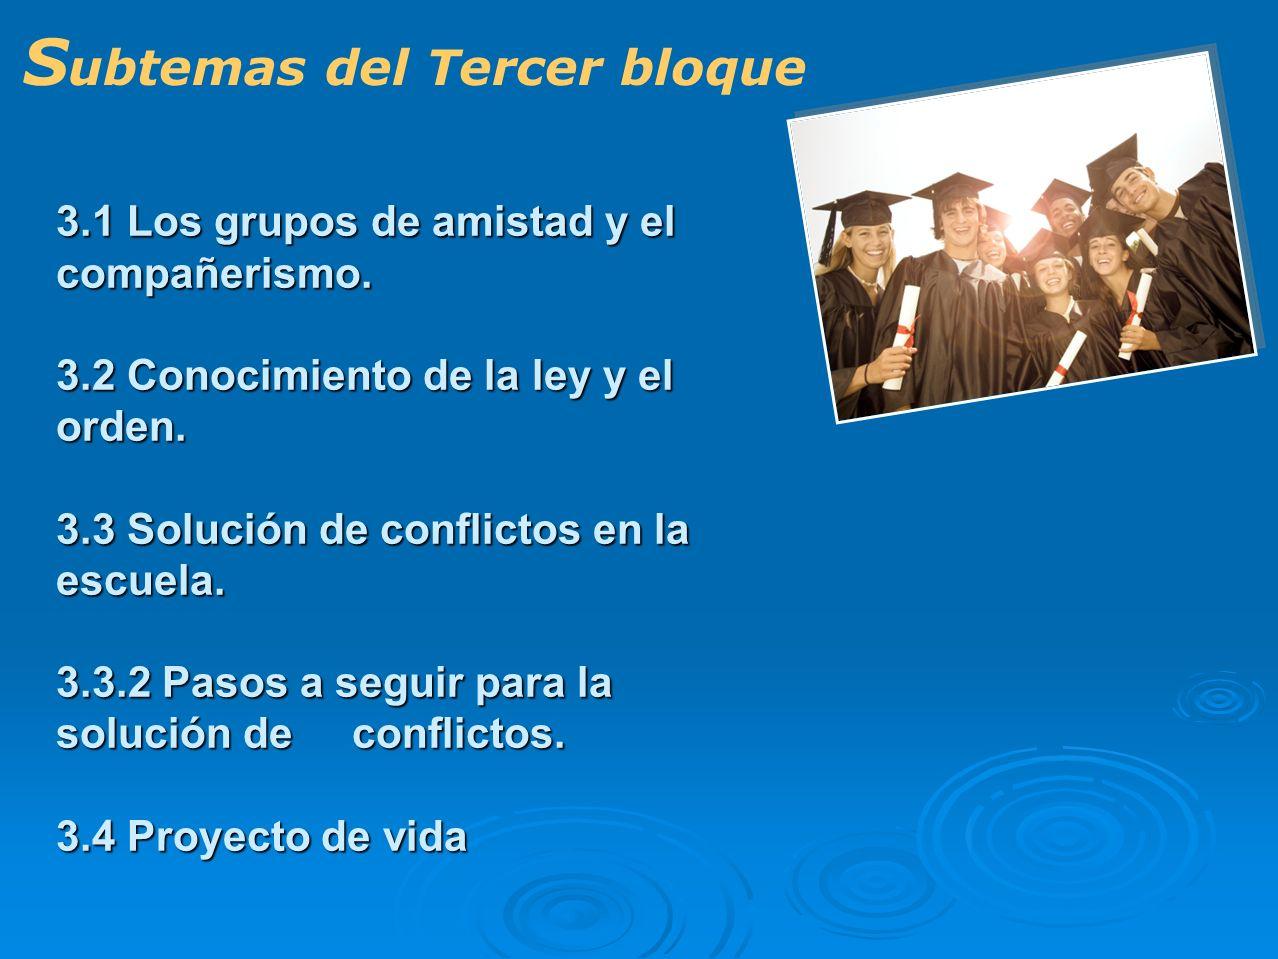 3.1 Los grupos de amistad y el compañerismo. 3.2 Conocimiento de la ley y el orden. 3.3 Solución de conflictos en la escuela. 3.3.2 Pasos a seguir par